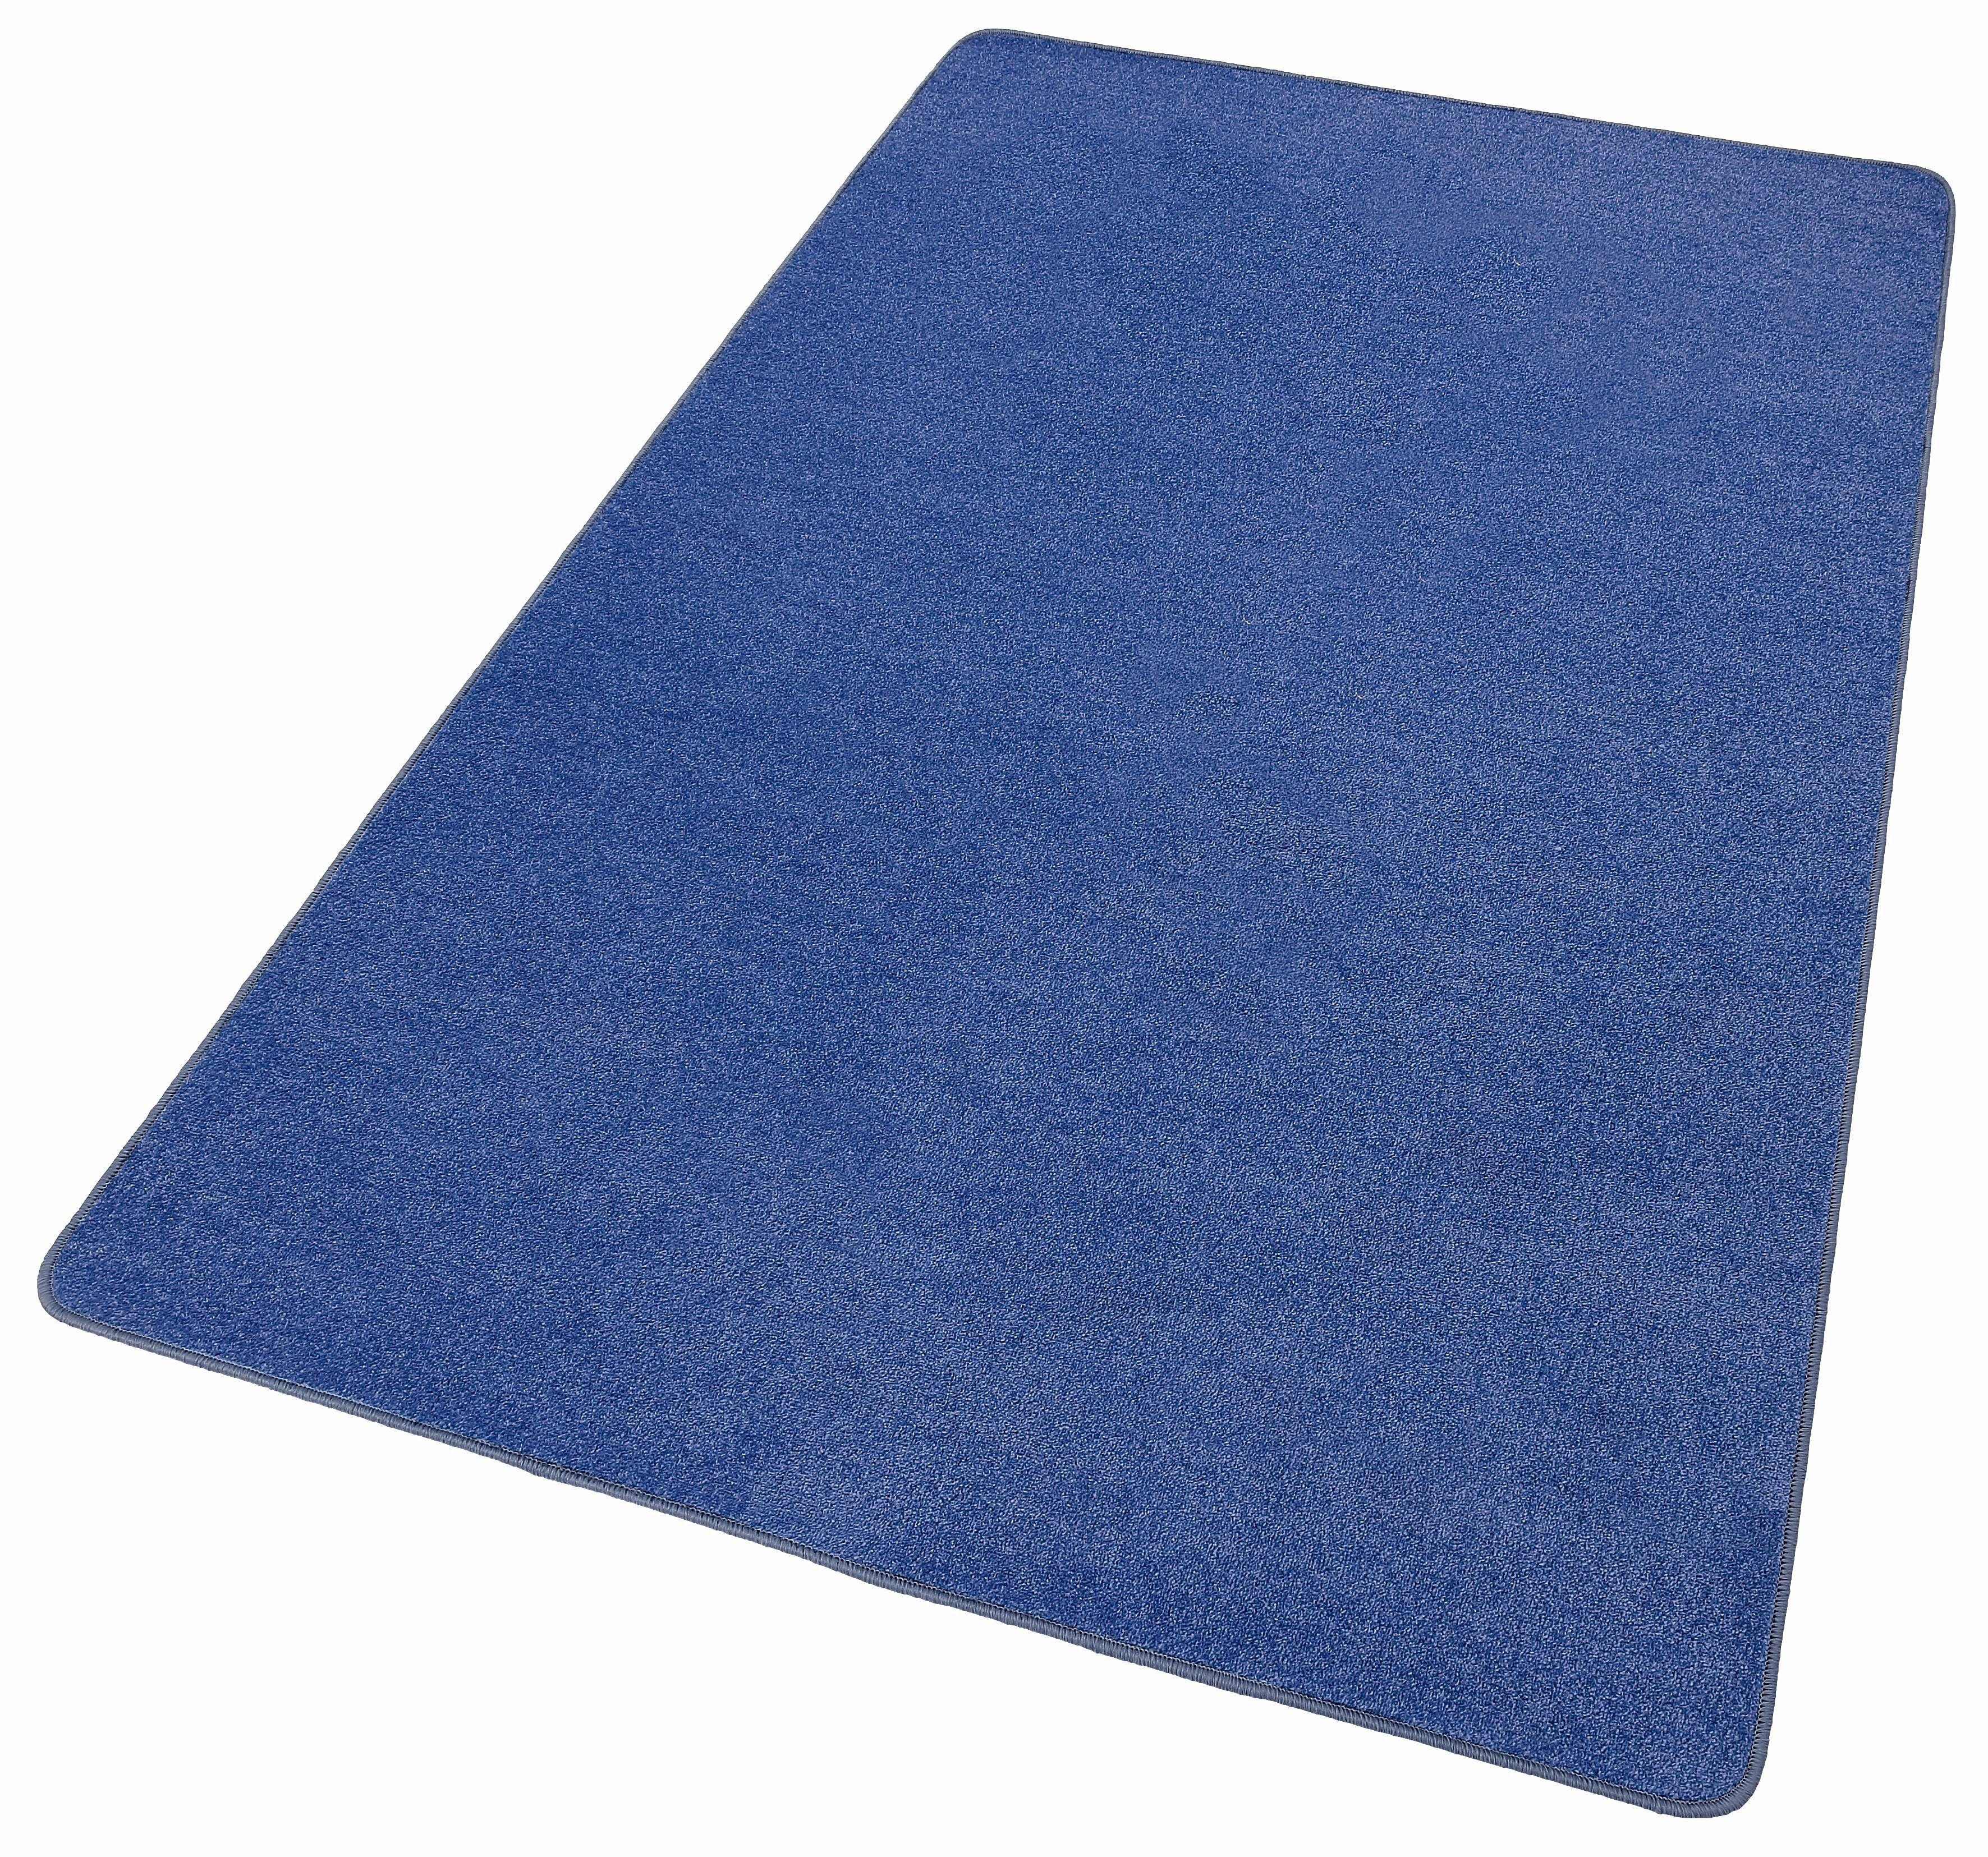 Teppich Shashi Hanse Home Rechteckig Hohe 8 5 Mm Maschinell Gewebt Jetzt Bestellen Unter Https Moebel Ladendirek Teppich Rosa Teppich Braun Textilien